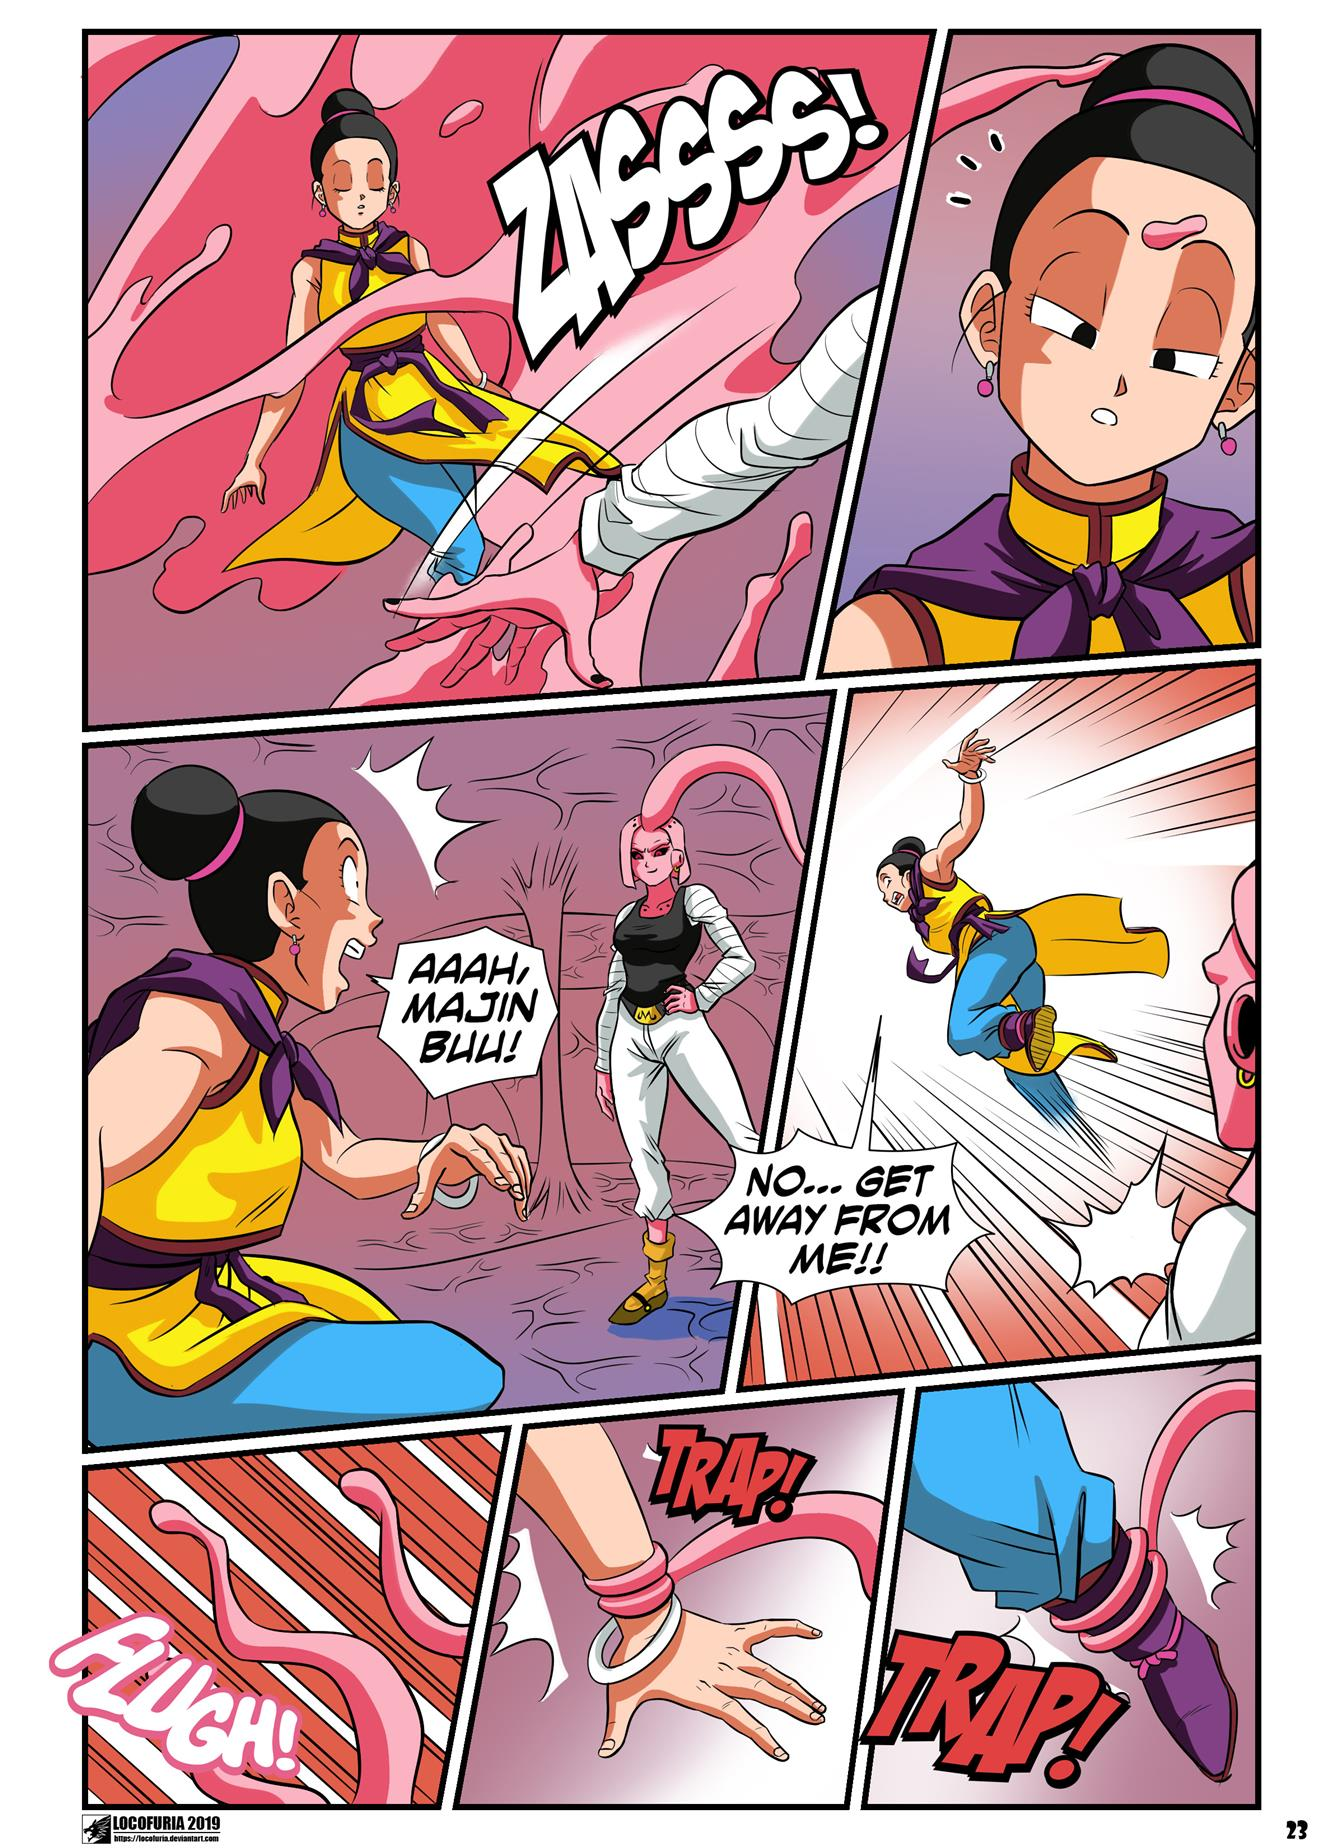 Buu's Bodies 4 (Dragon Ball Z)